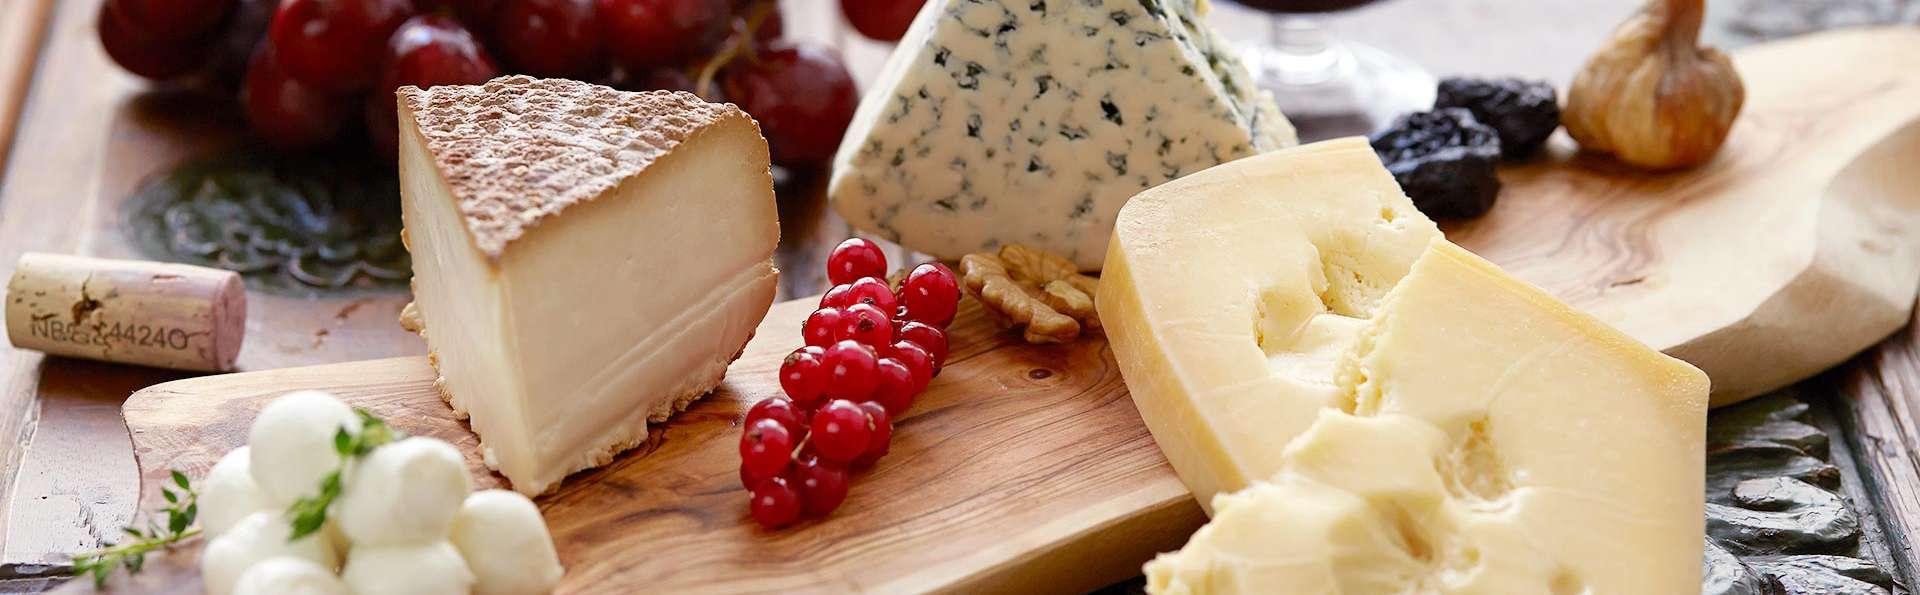 Dégustation de fromage et vin à Liège